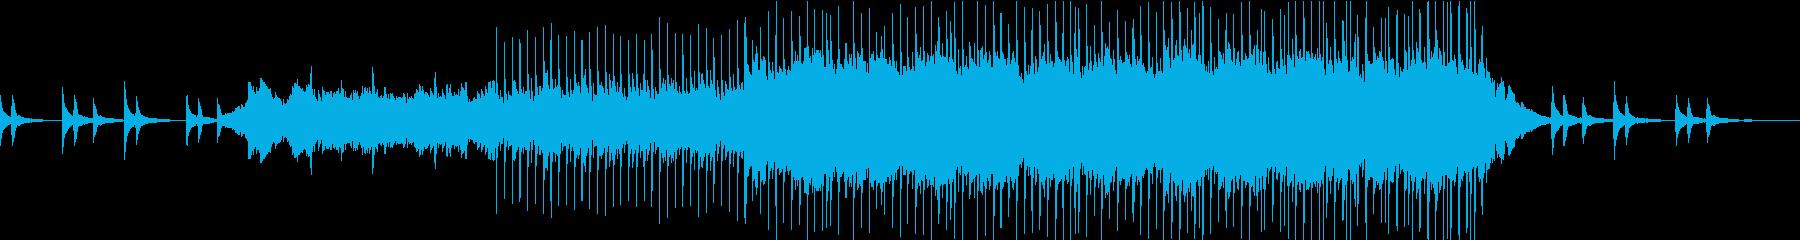 ピュアで爽やかな雰囲気の曲(PV用)の再生済みの波形